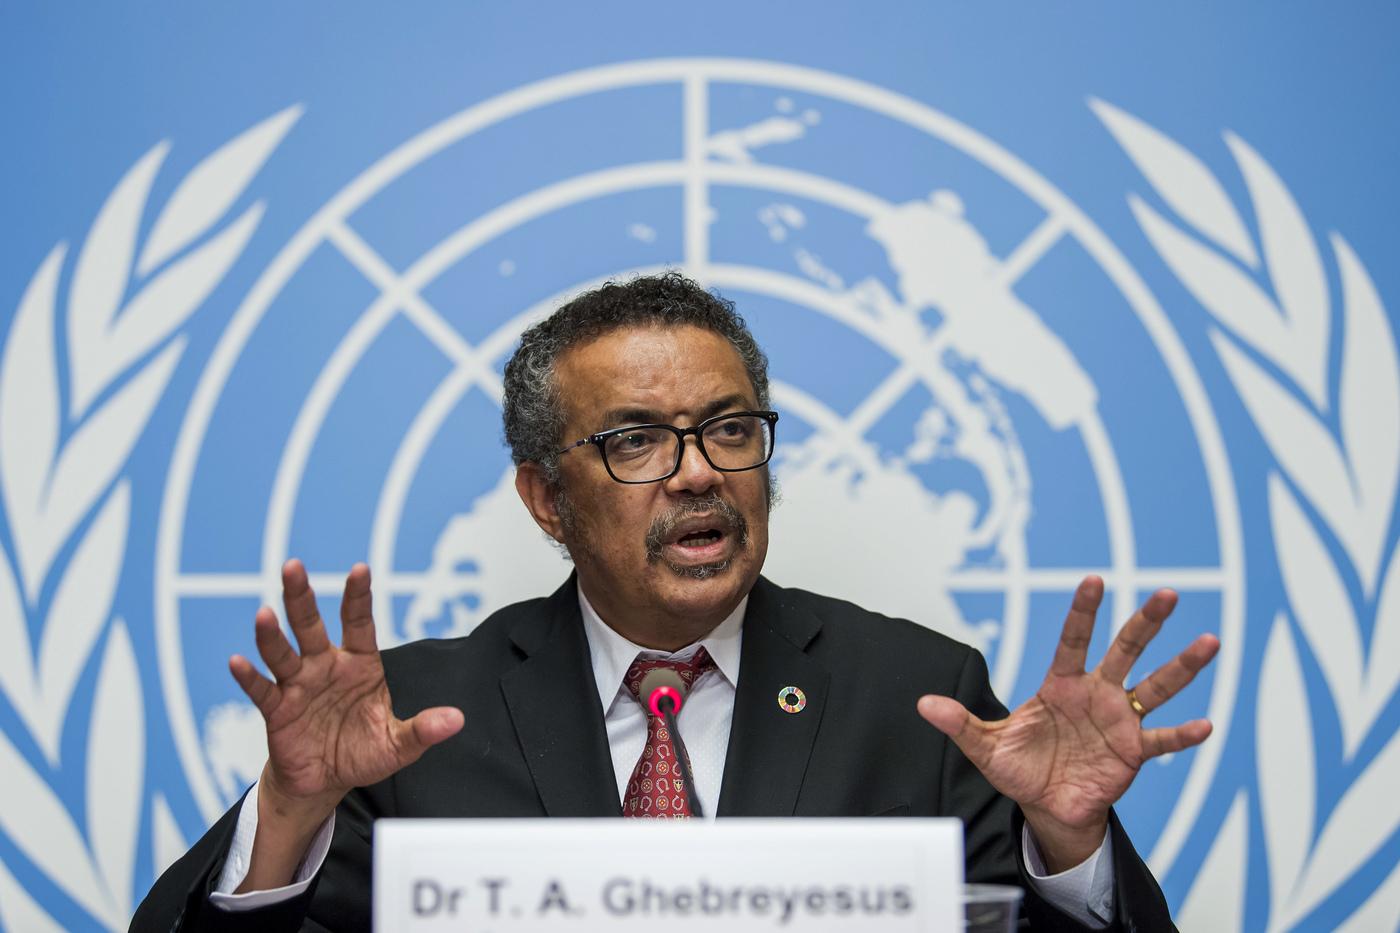 Coronavirus, Oms: pesanti accuse al direttore generale Tedros Adhanom Ghebreyesus